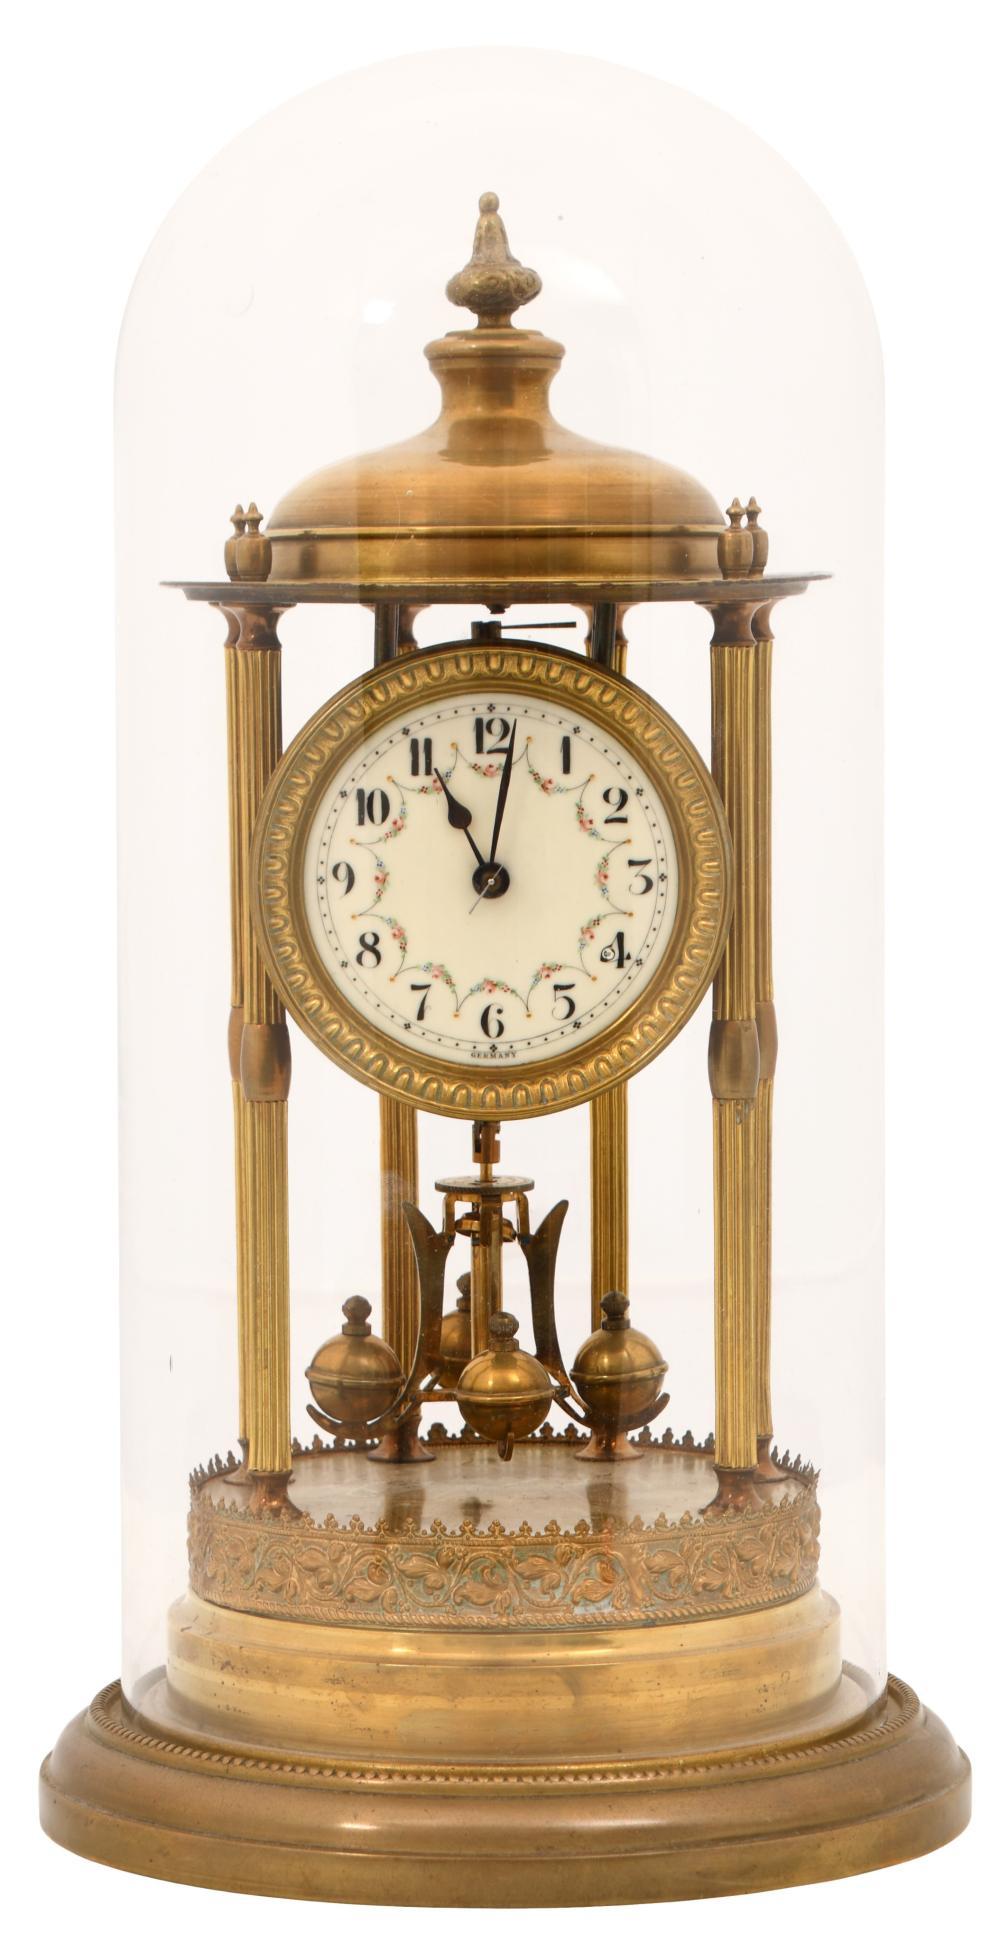 German 400-Day Bandstand Torsion Clock